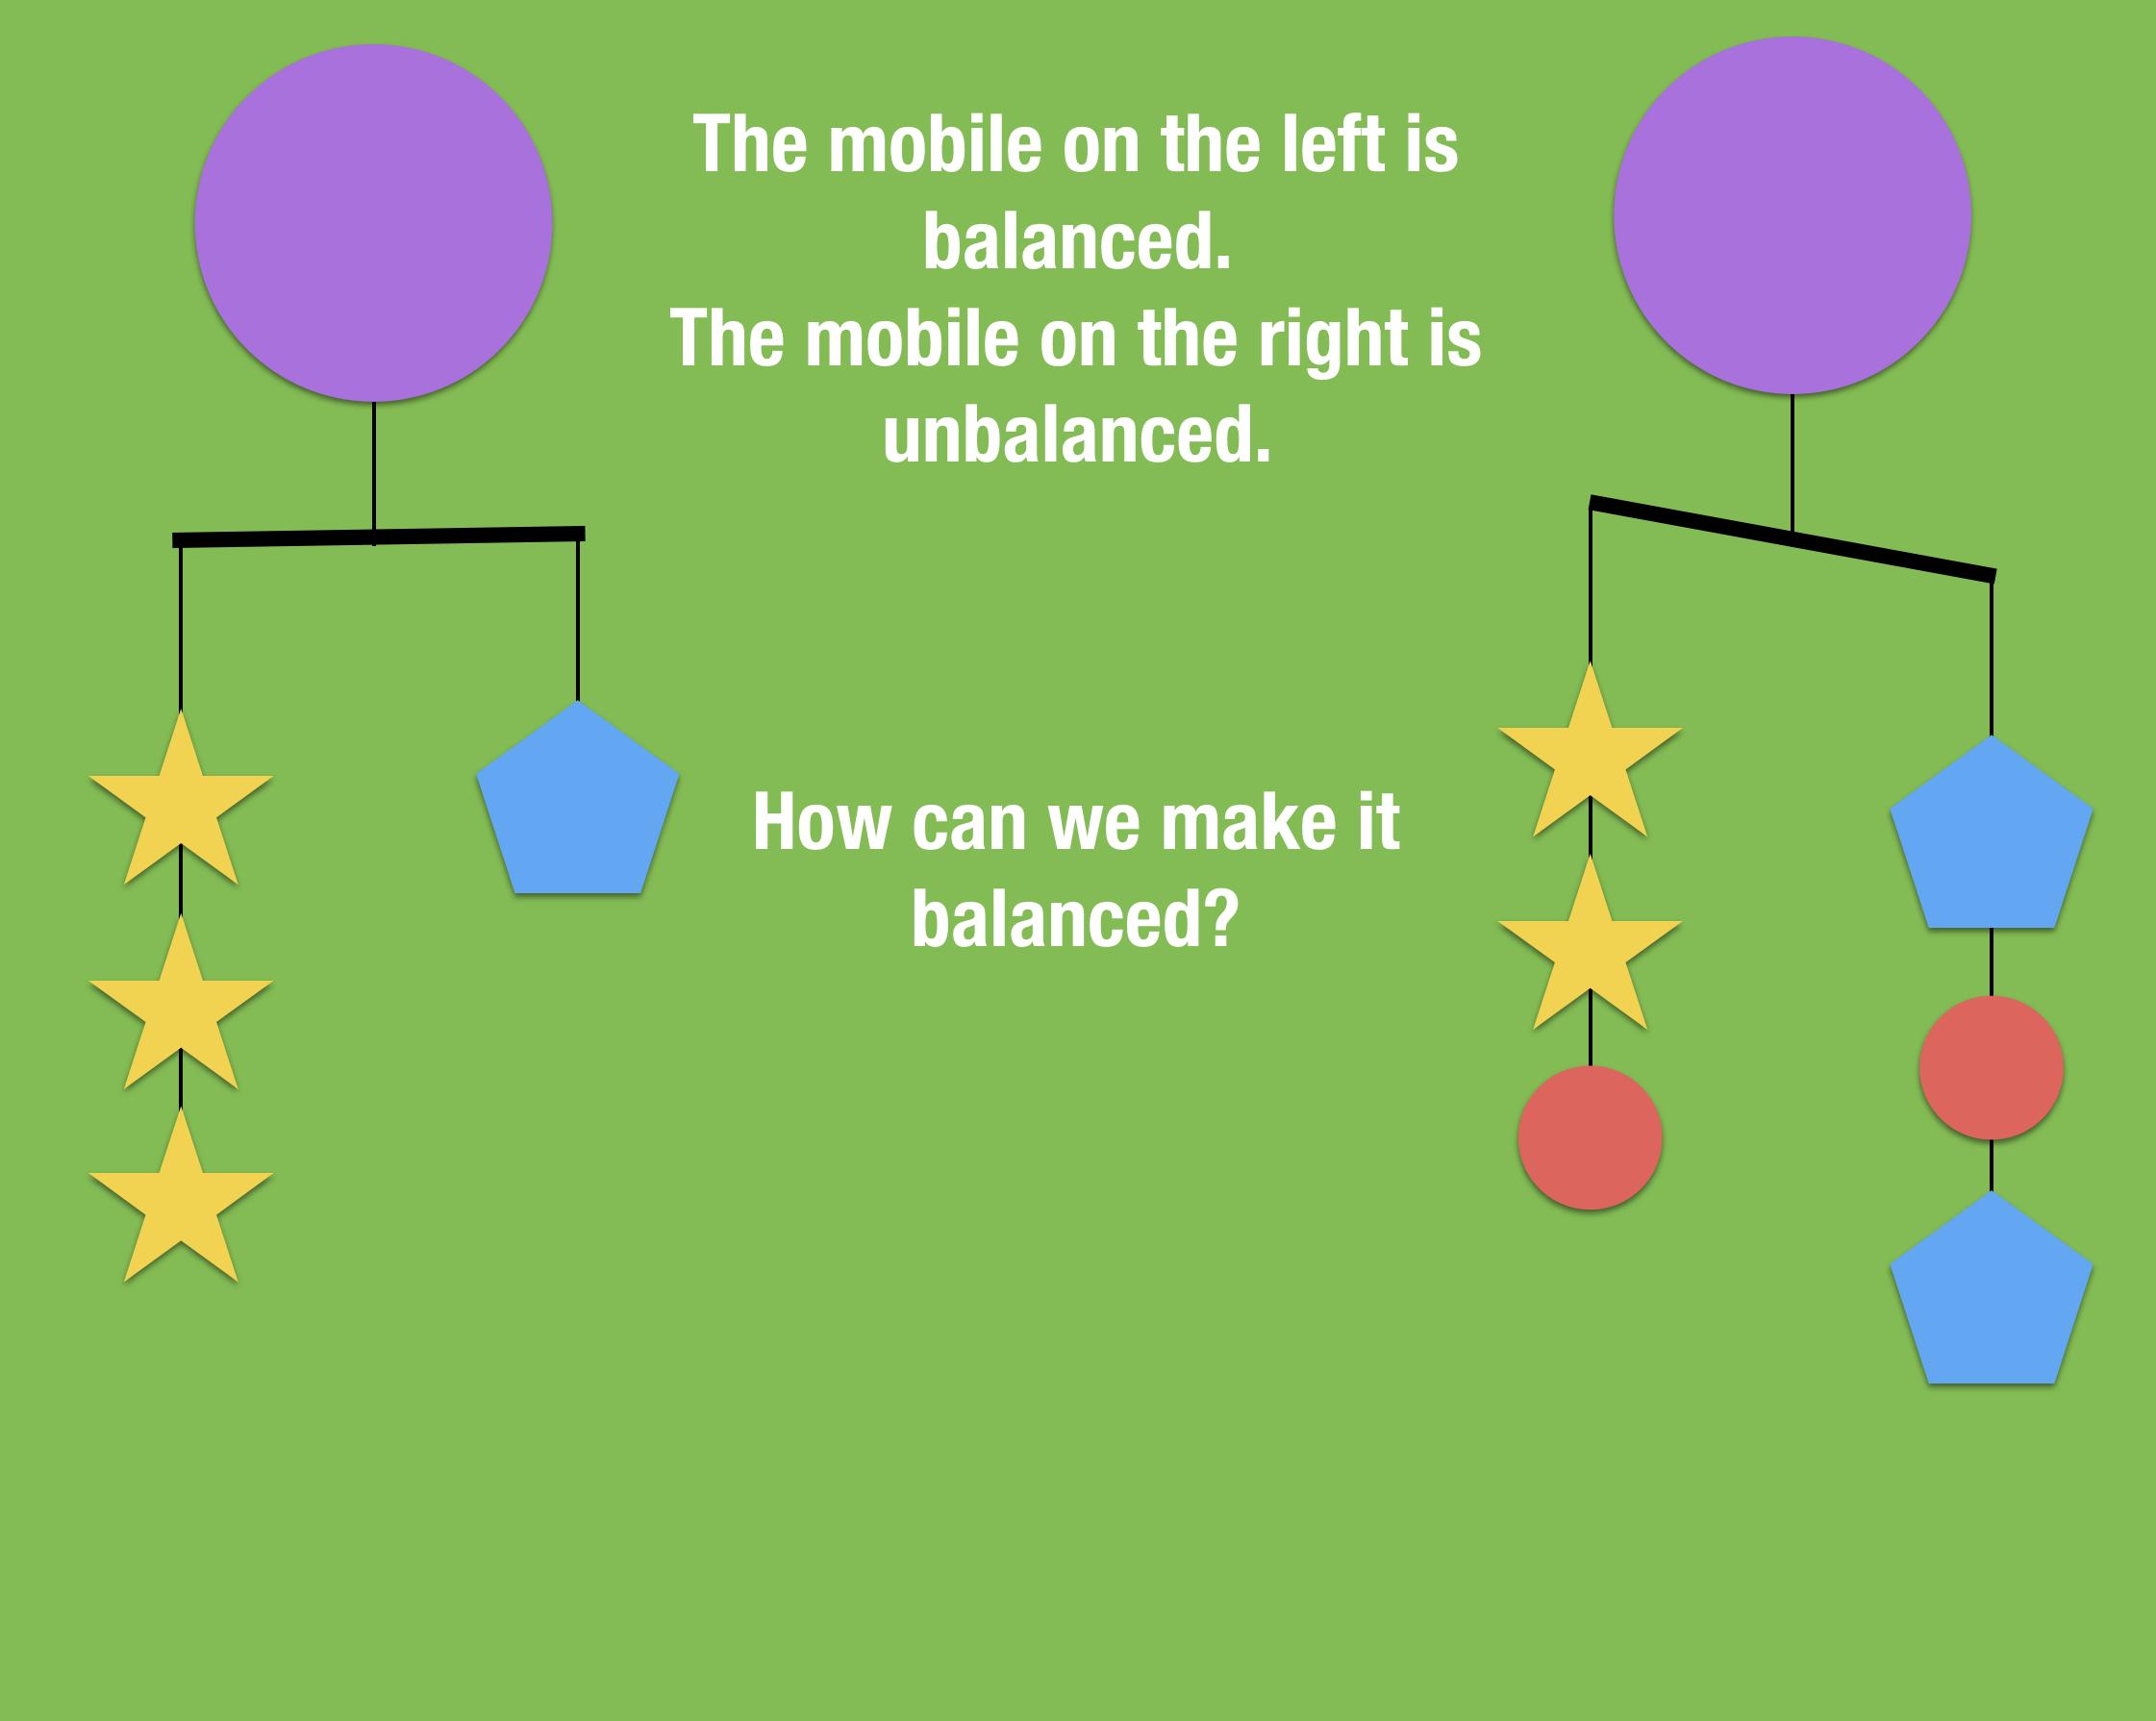 Balance the Mobile #2